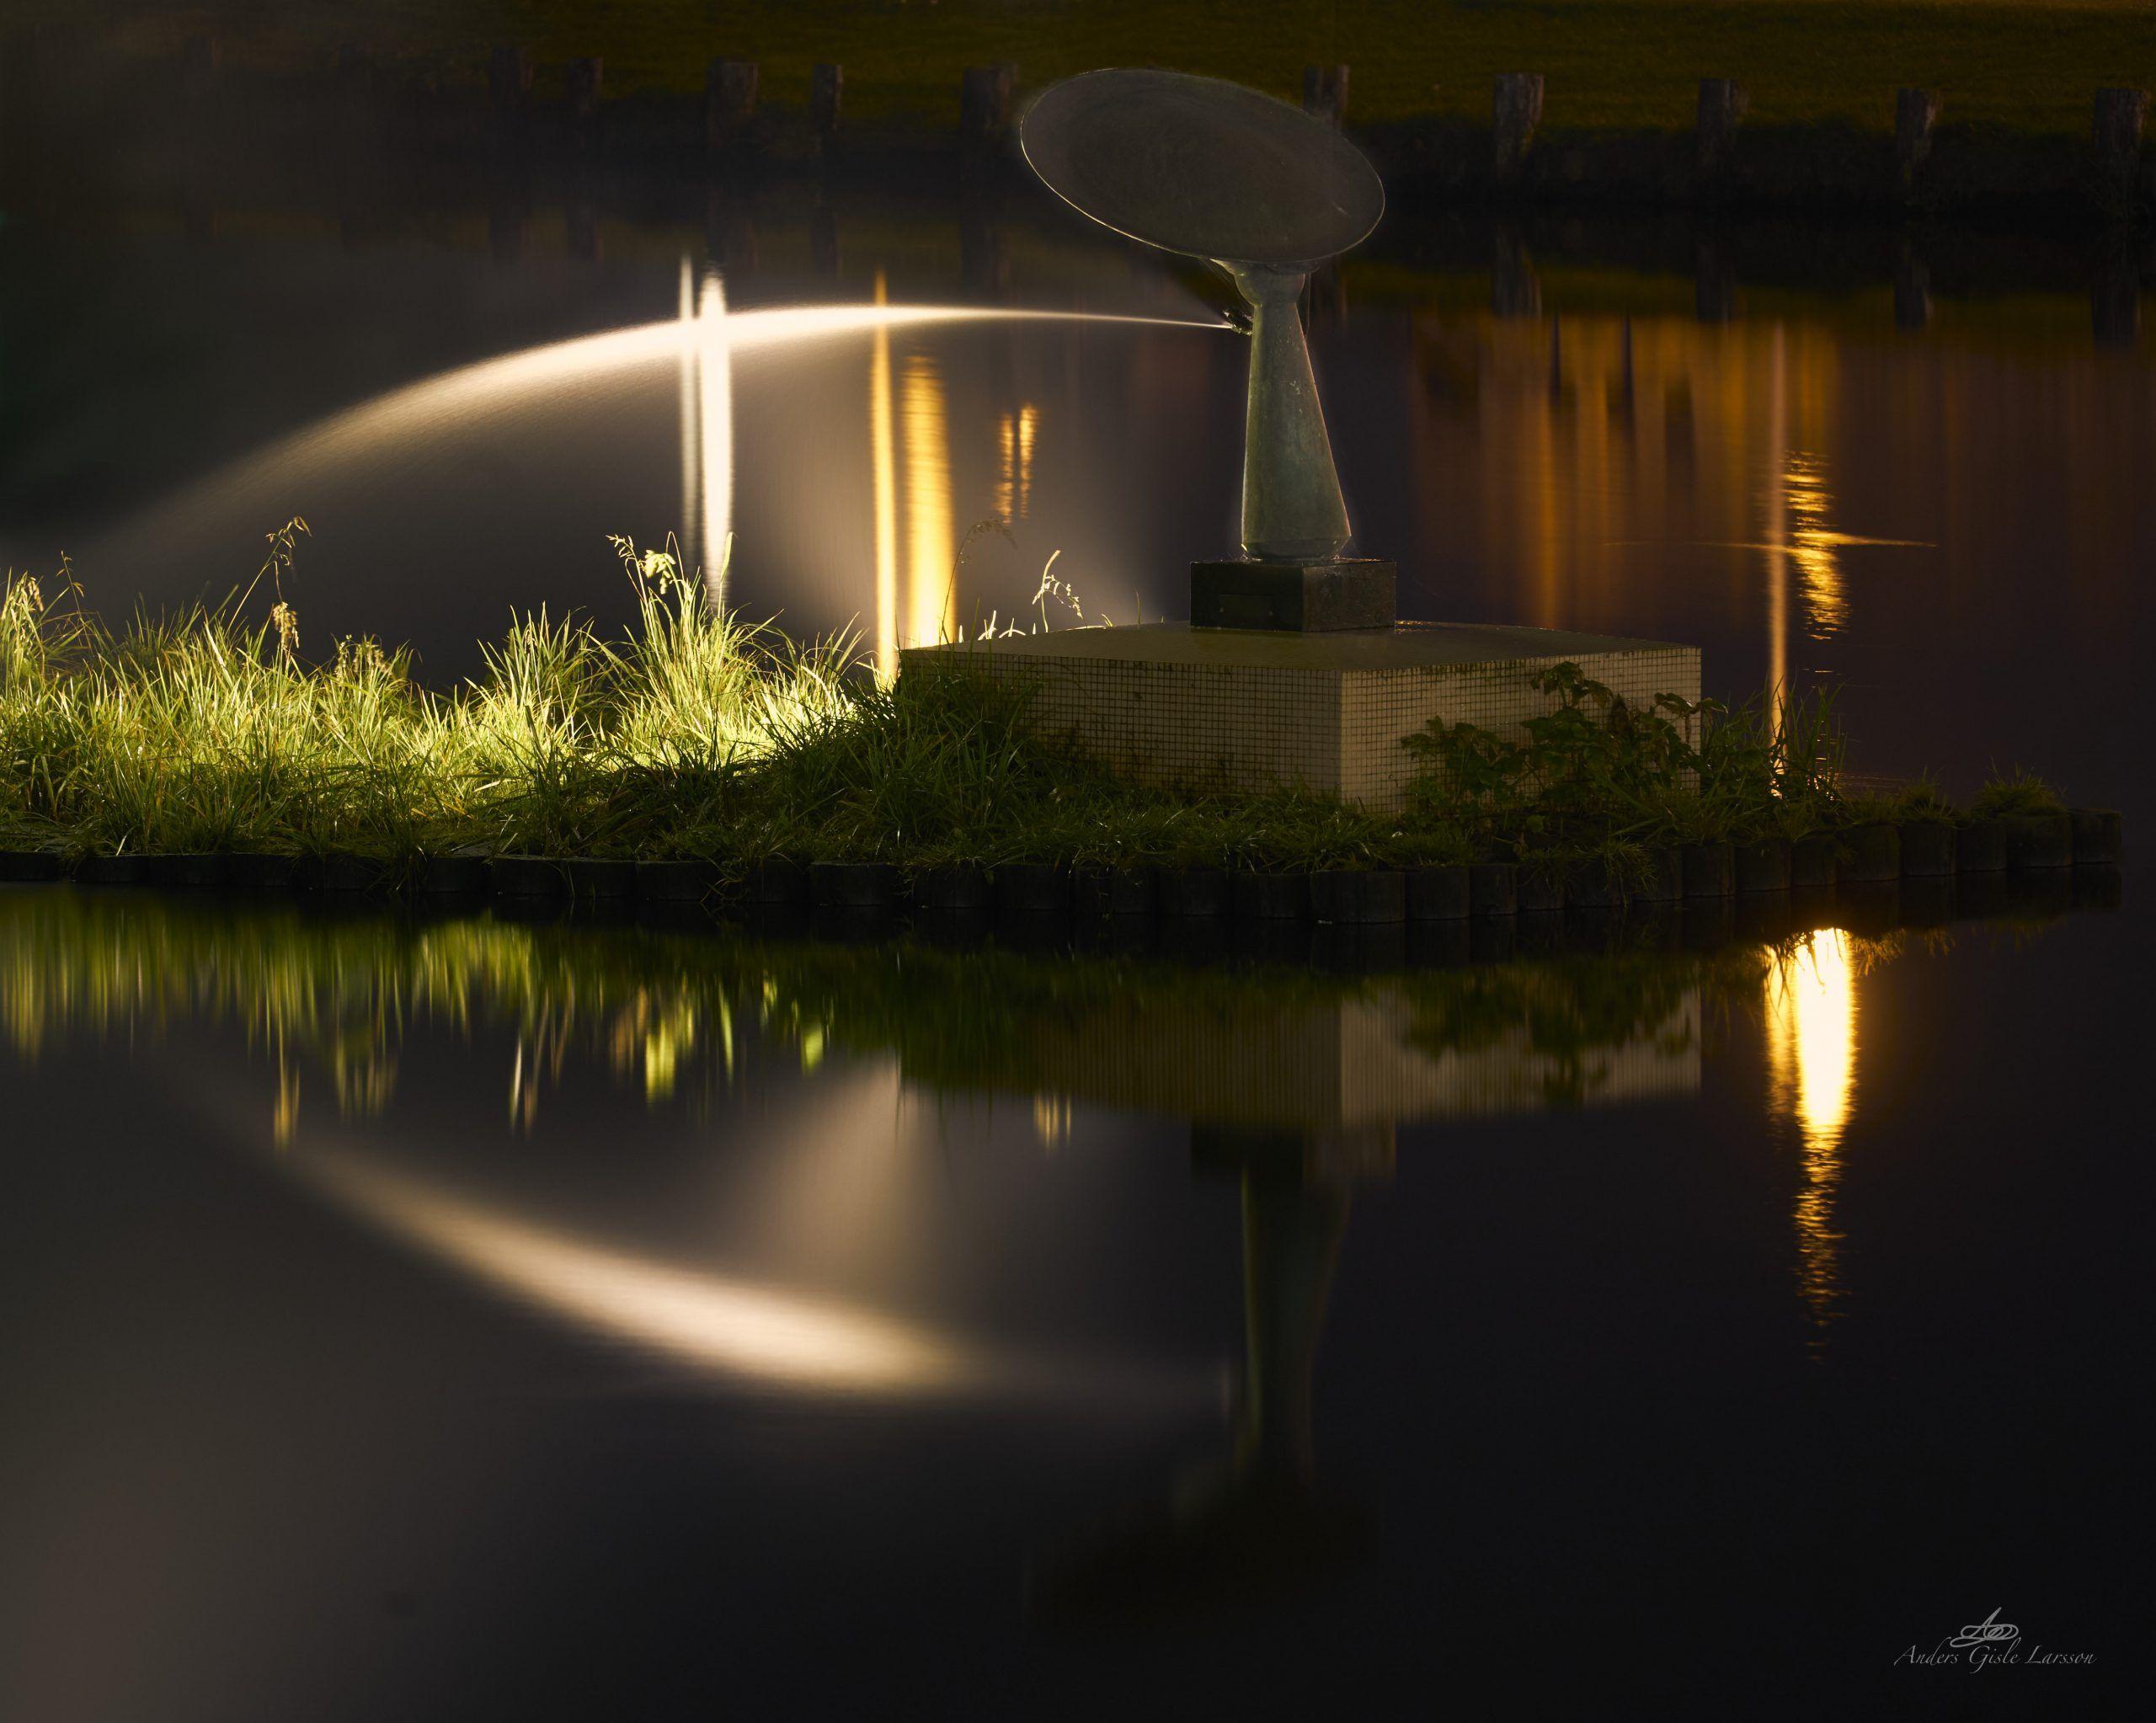 Den lille fortællerske, 292/365, Uge 42, Guldkrukken på Paradisøen, Gudenåen, Randers